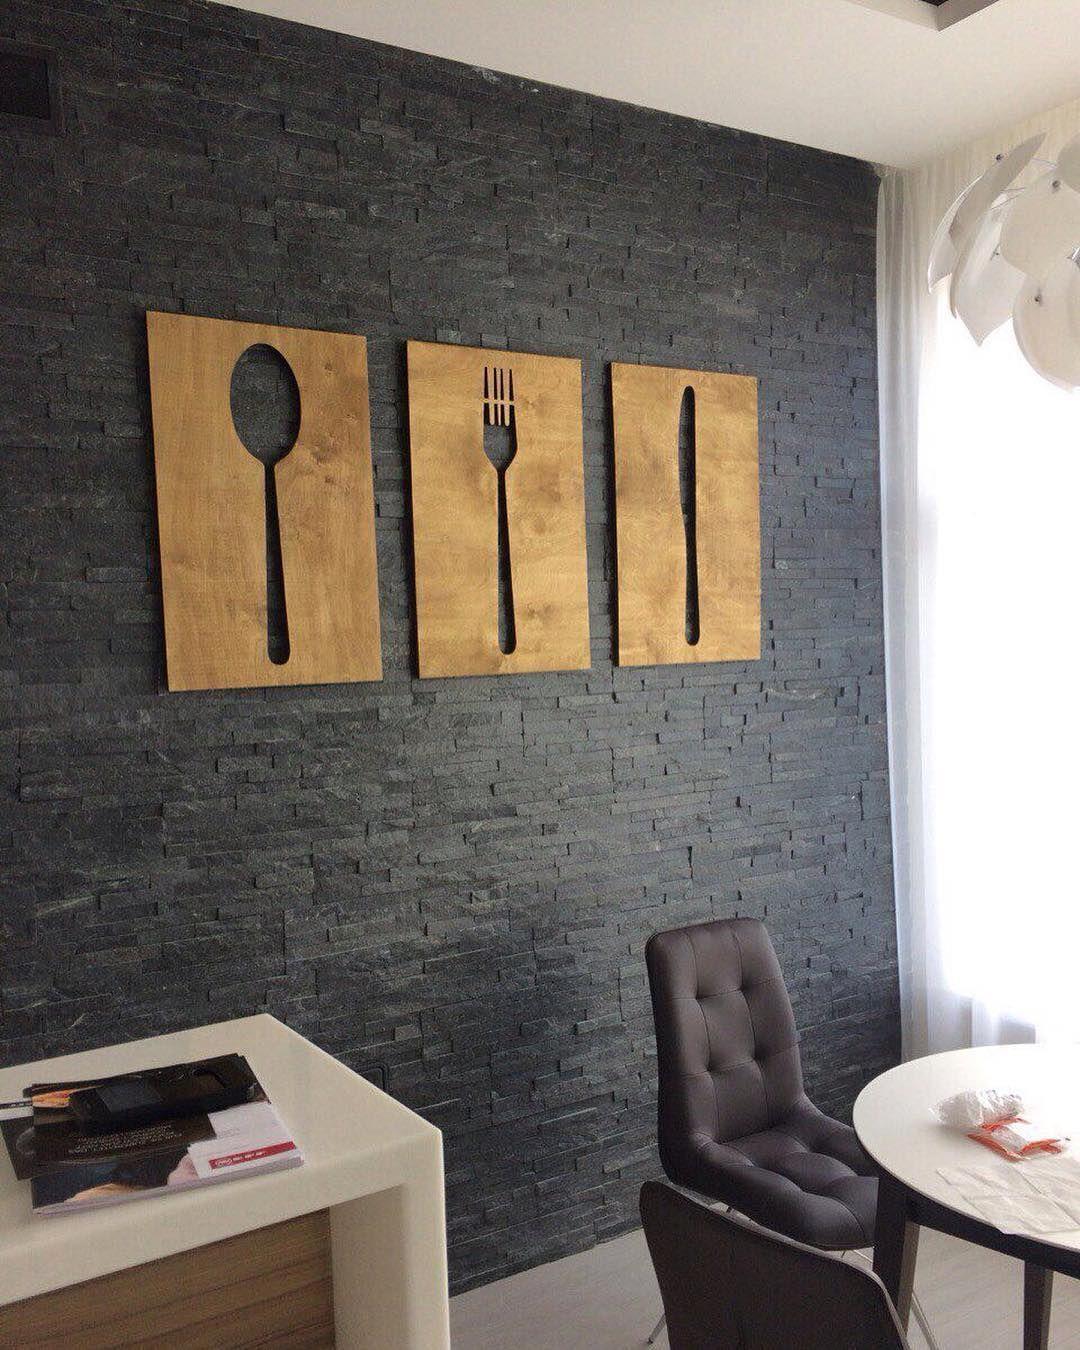 Kitchen Wall Art Ideas 2020